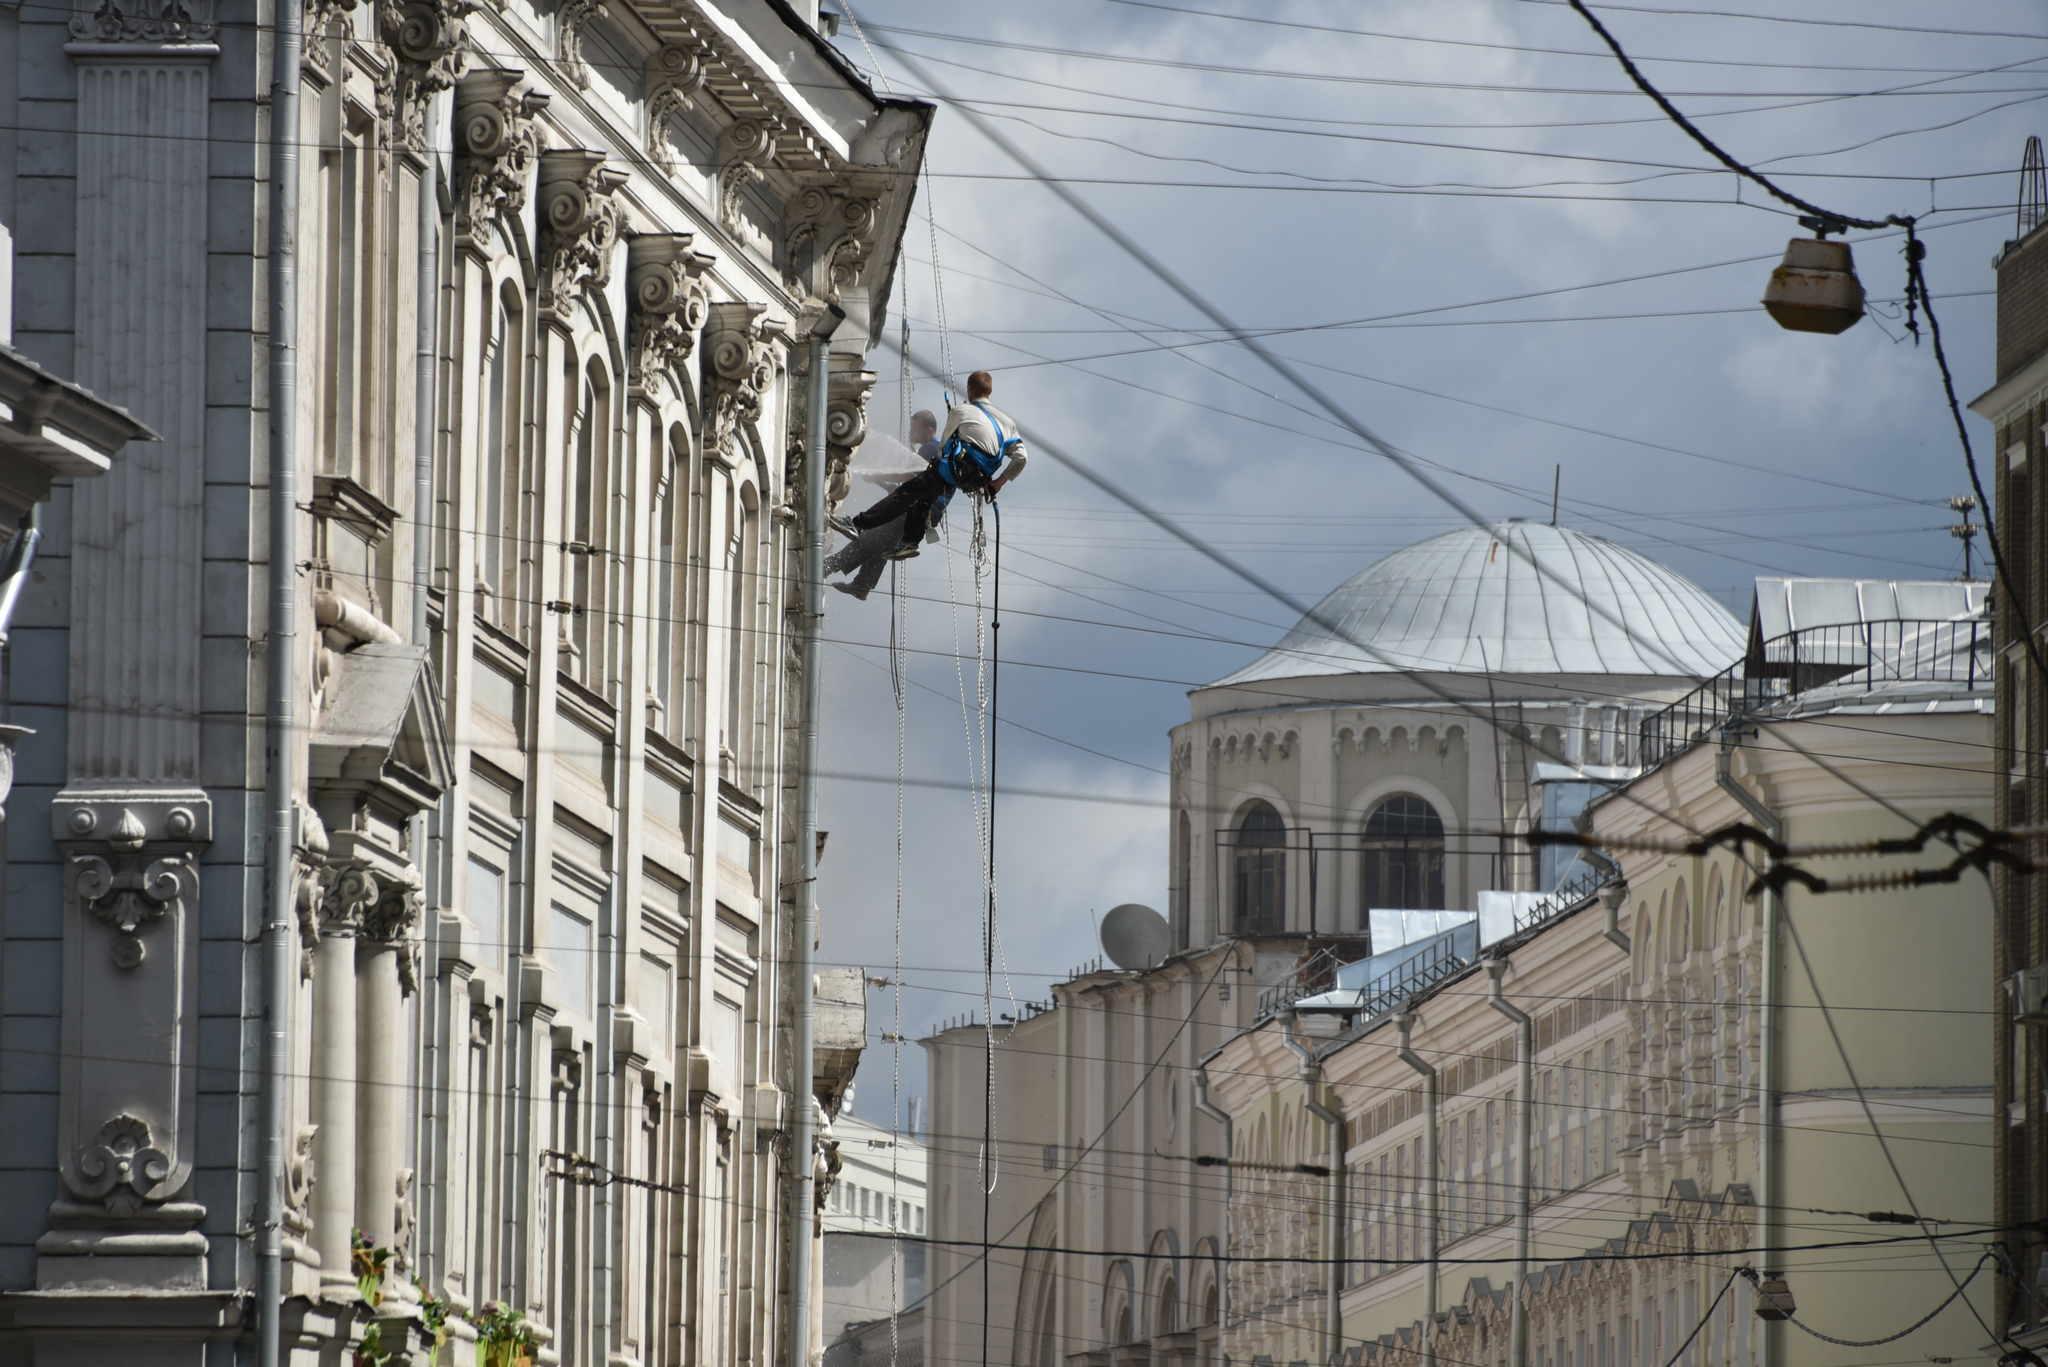 Бизнес активно занимает вакантные места на ключевых торговых улицах Москвы. Фото: архив